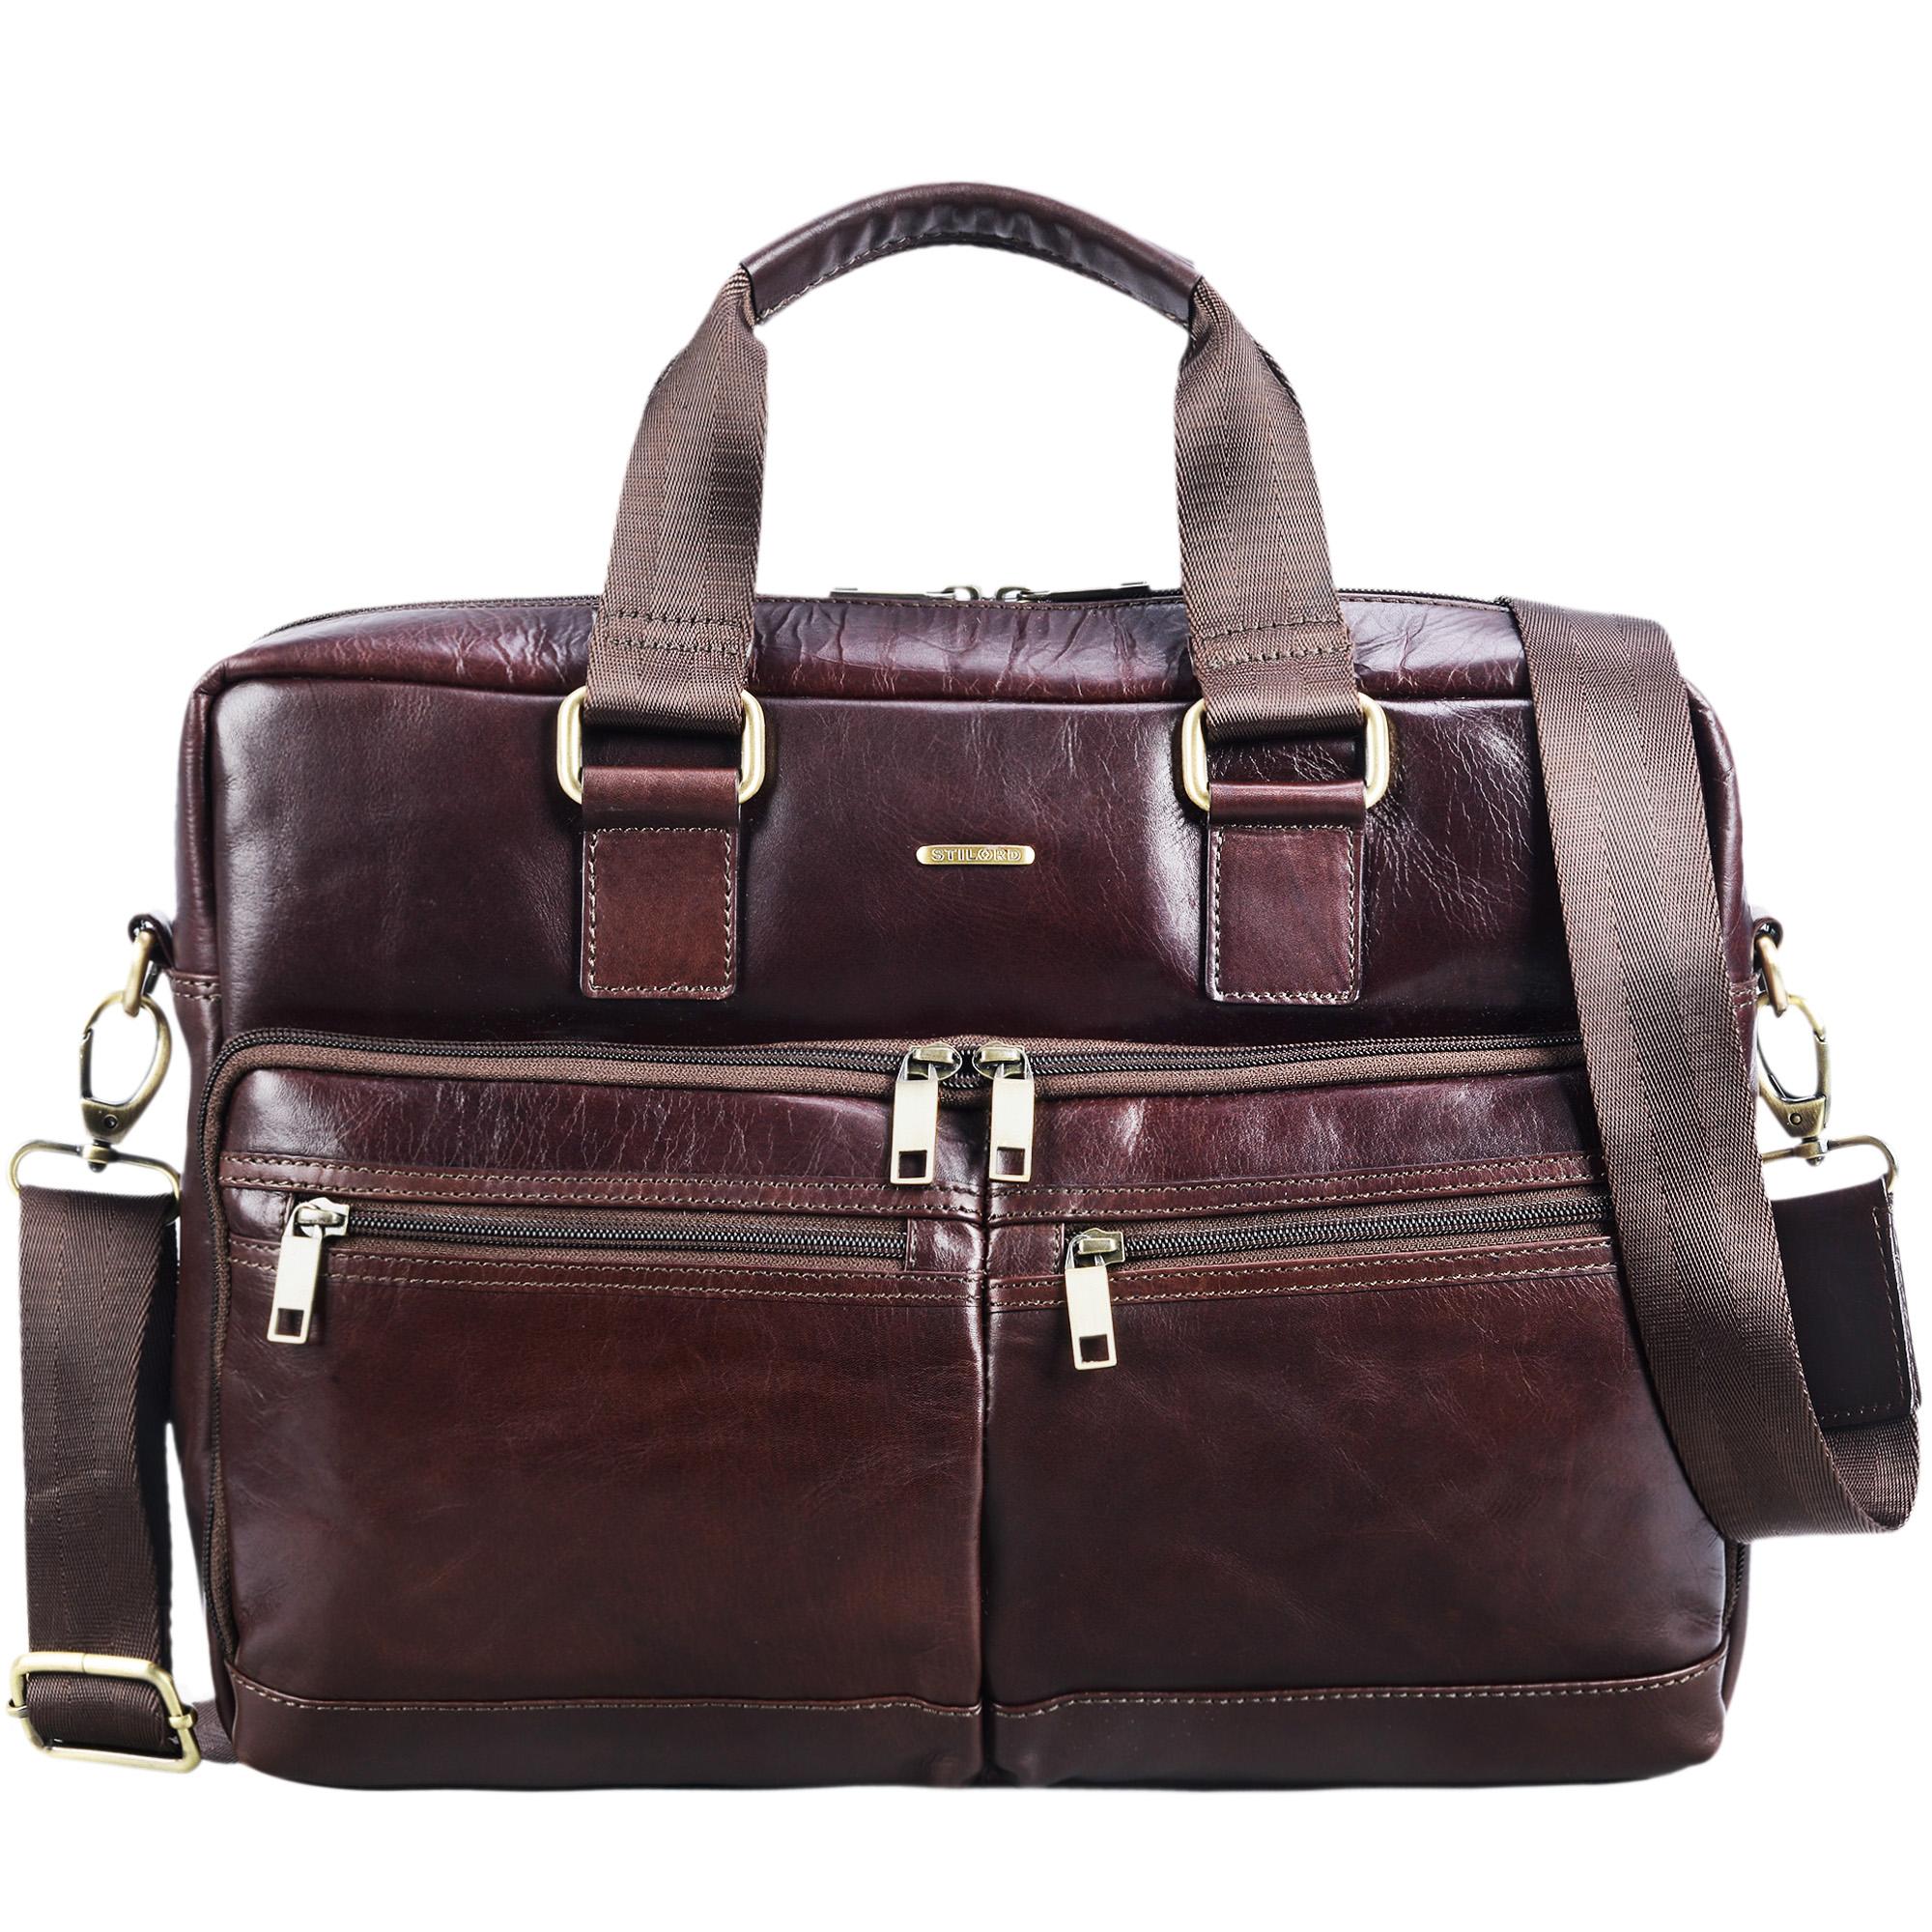 """STILORD """"Vito"""" Vintage Businesstasche Leder Herren Damen 14 Zoll Laptoptasche Umhängetasche Aktentasche Arbeitstasche Rindsleder - Bild 8"""